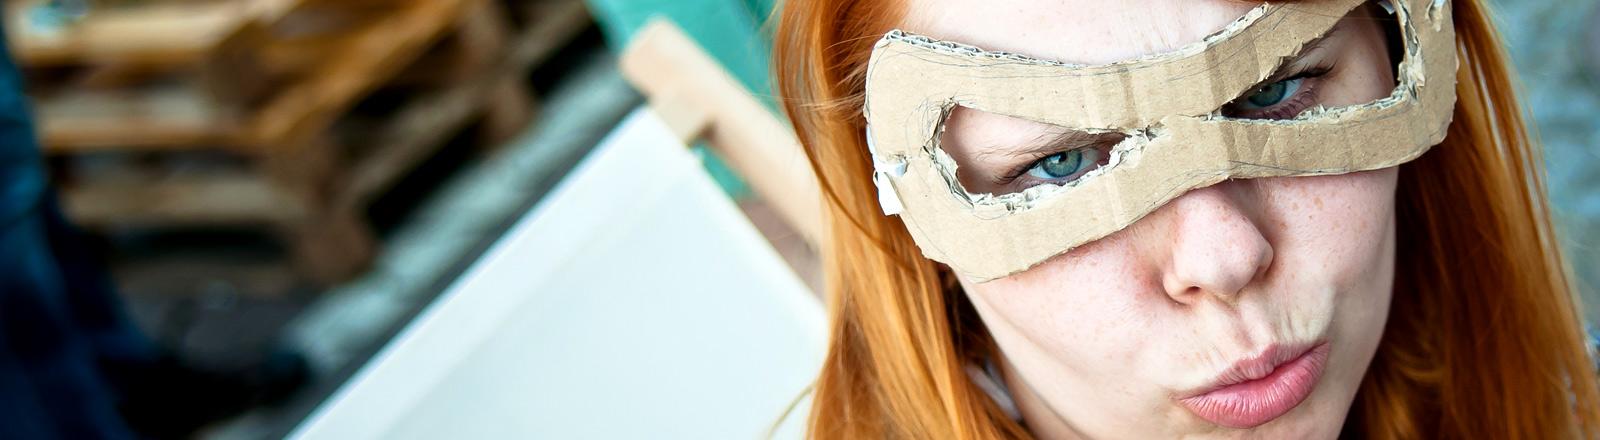 Eine junge Frau mit einer Maske zieht eine Grimasse.